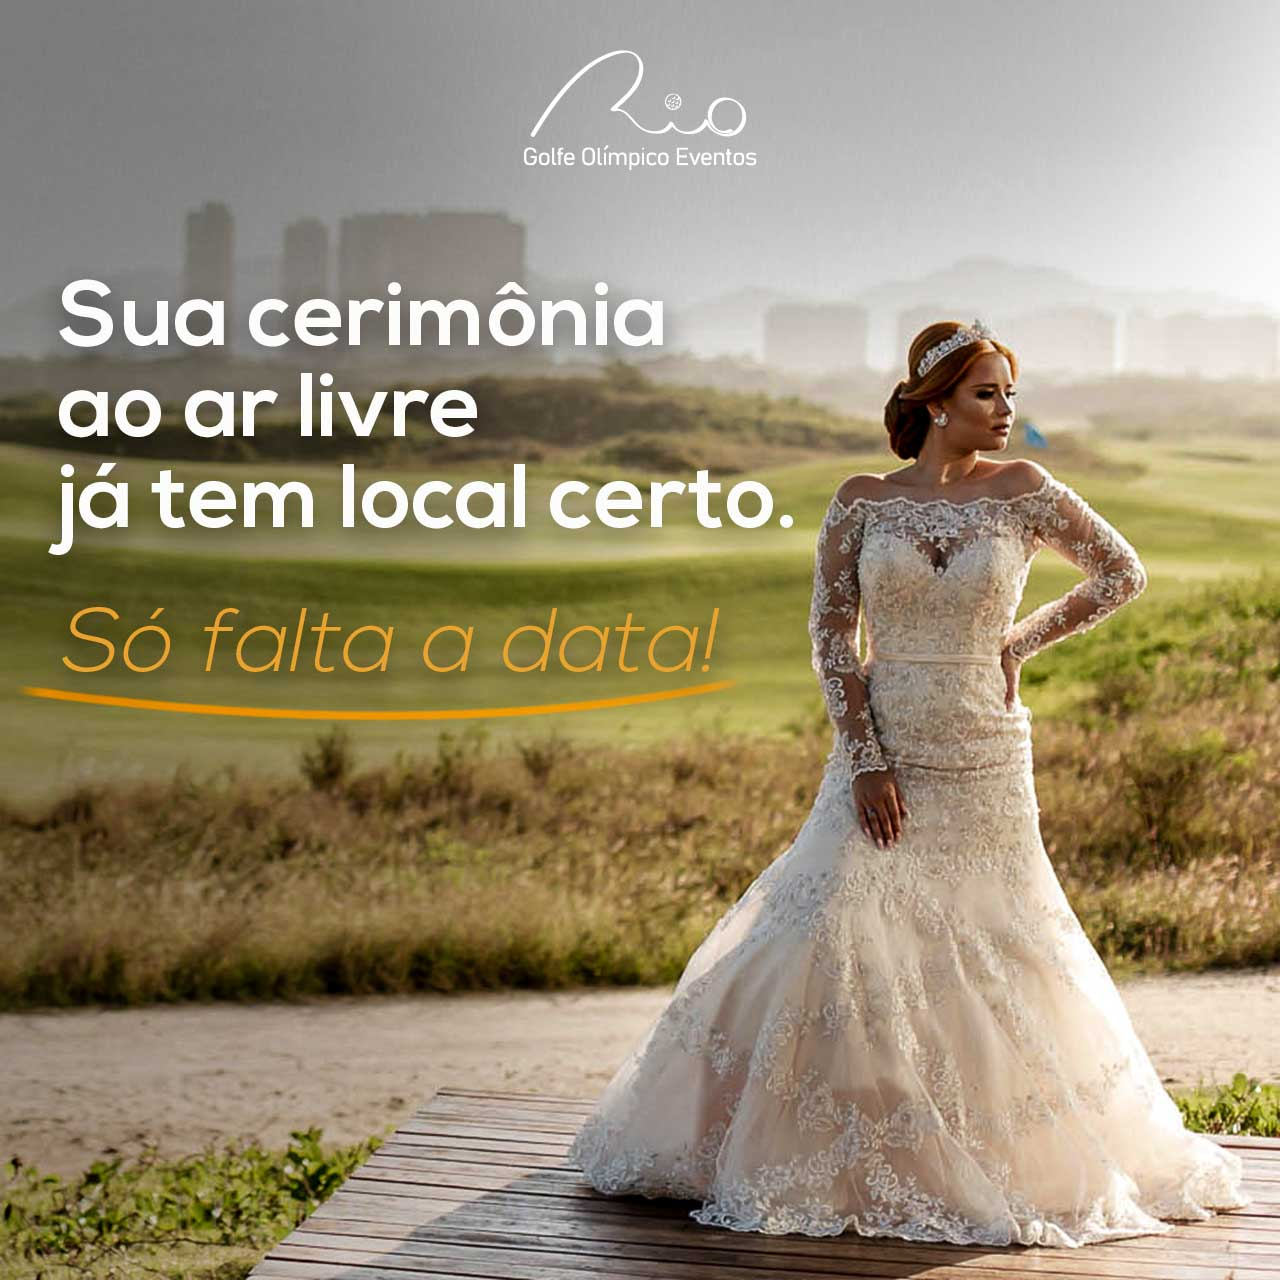 Arte de portfólio para redes sociais do cliente Golfe Olímpico eventos. Na imagem aparece uma noiva no campo Olímpico de Golfe, com uma frase.